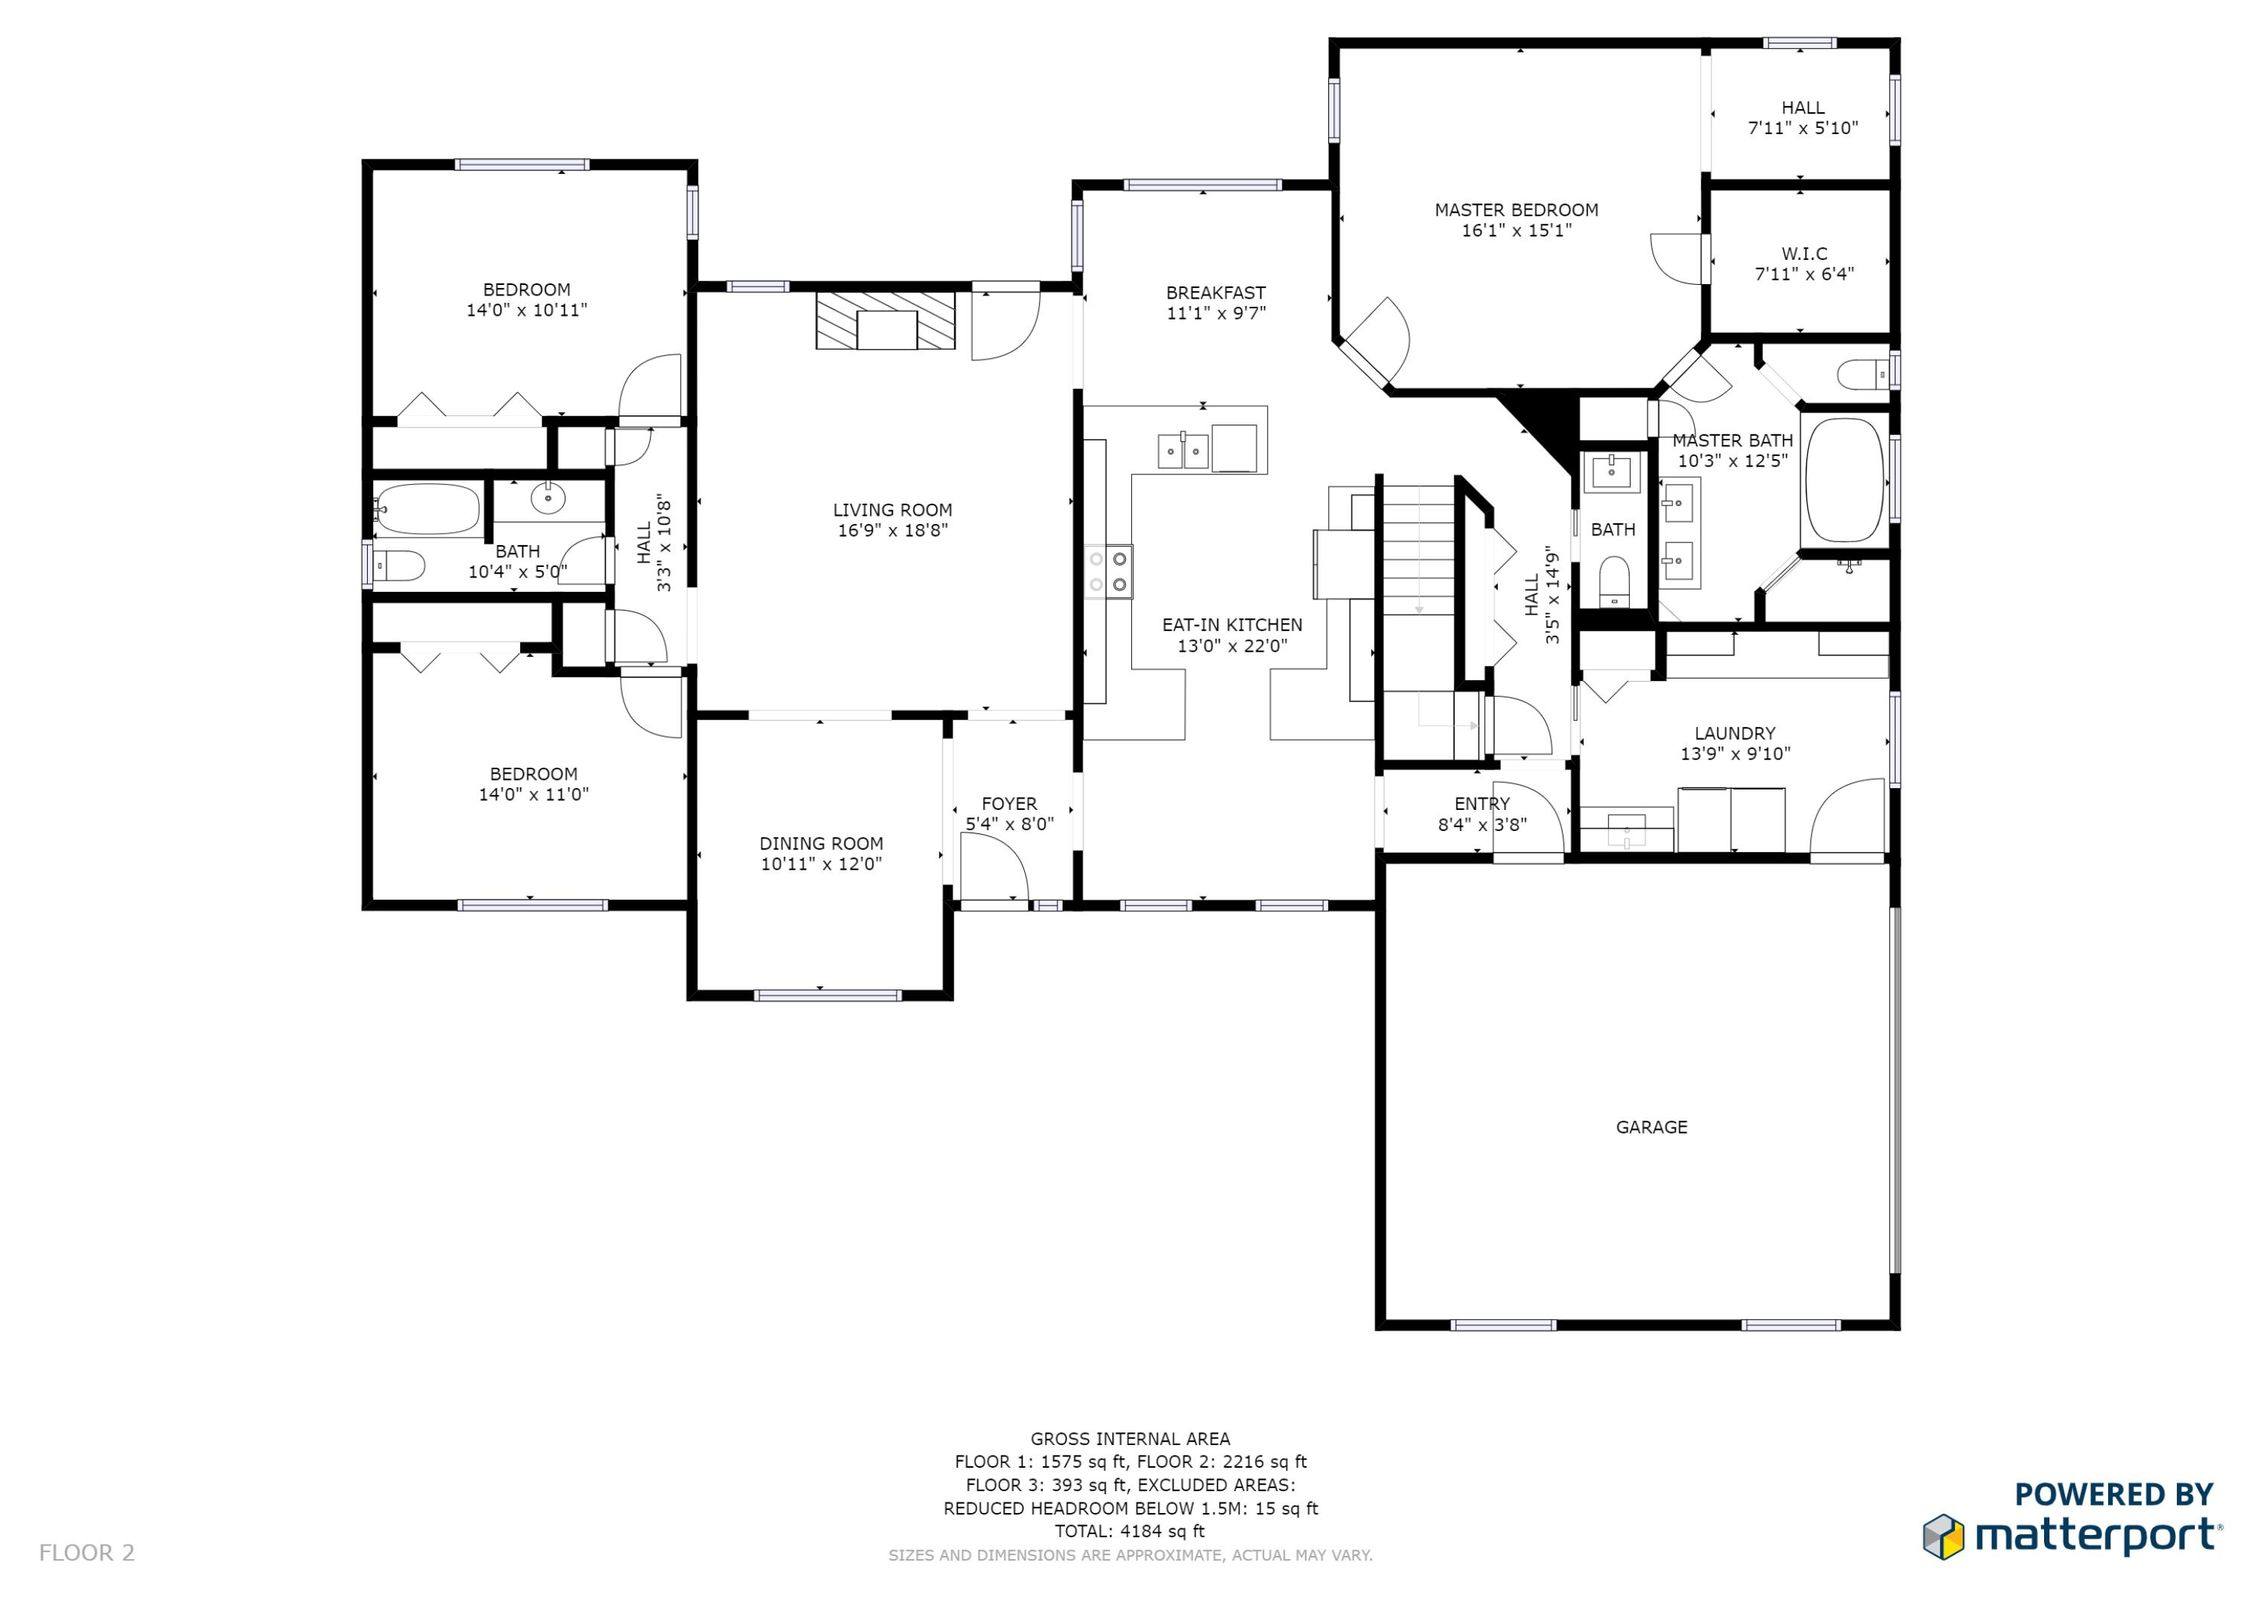 Floor 2_312-shadowfax-knoxville-tn-37934